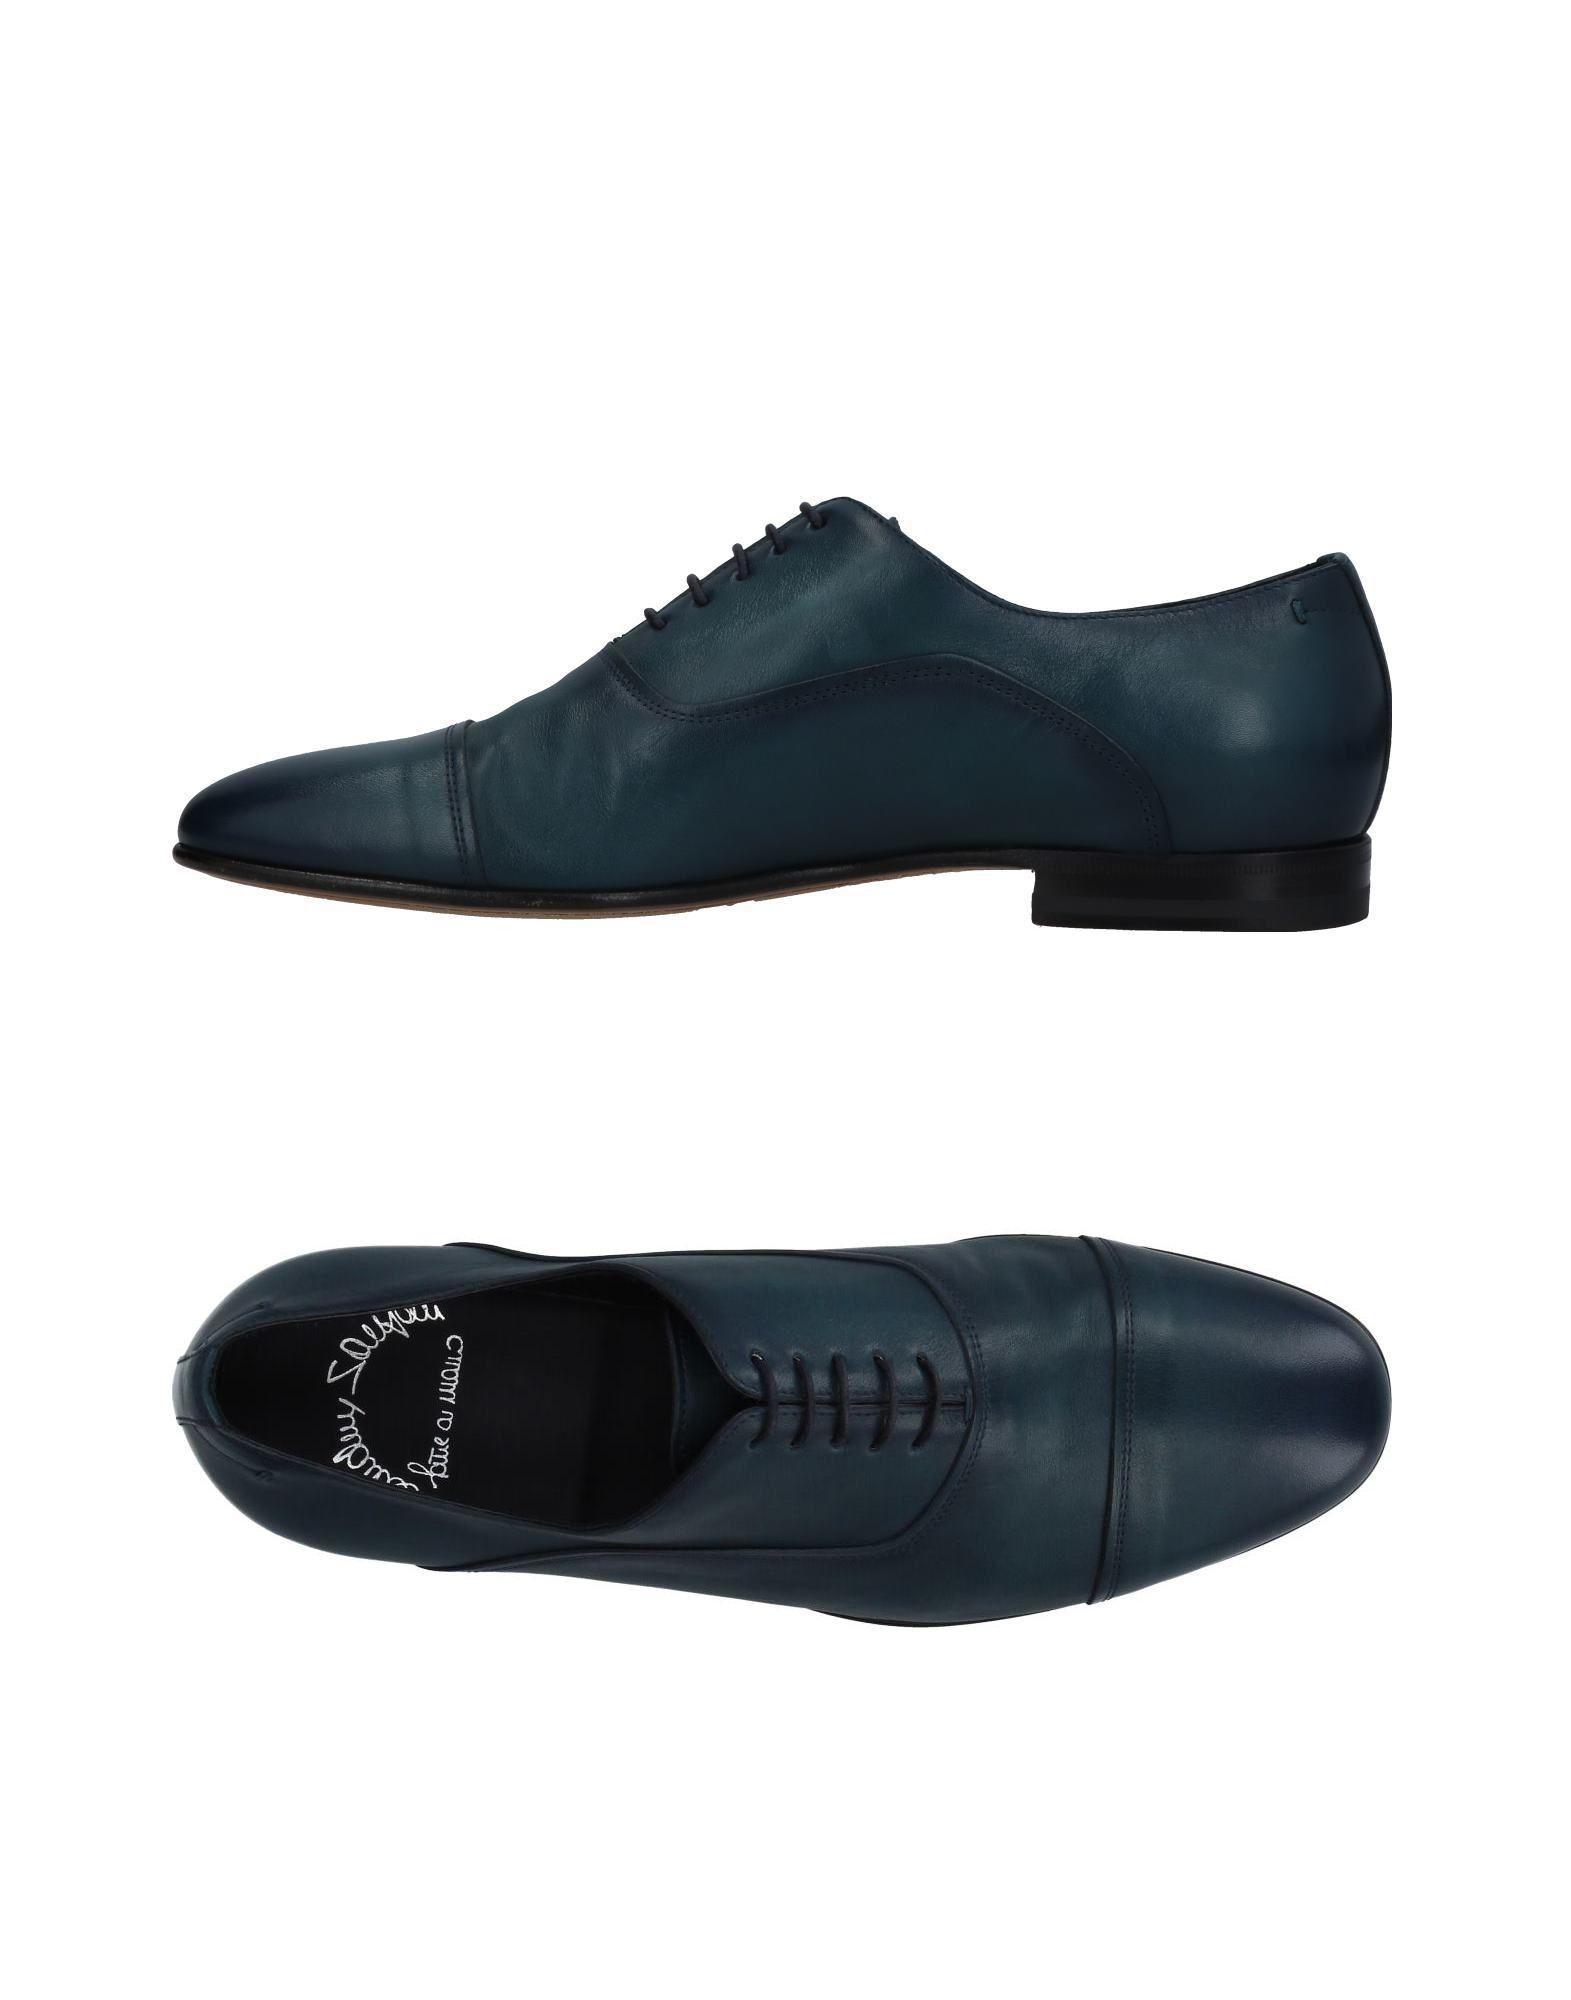 Sneakers Change Donna - 11460163GA Scarpe economiche e buone